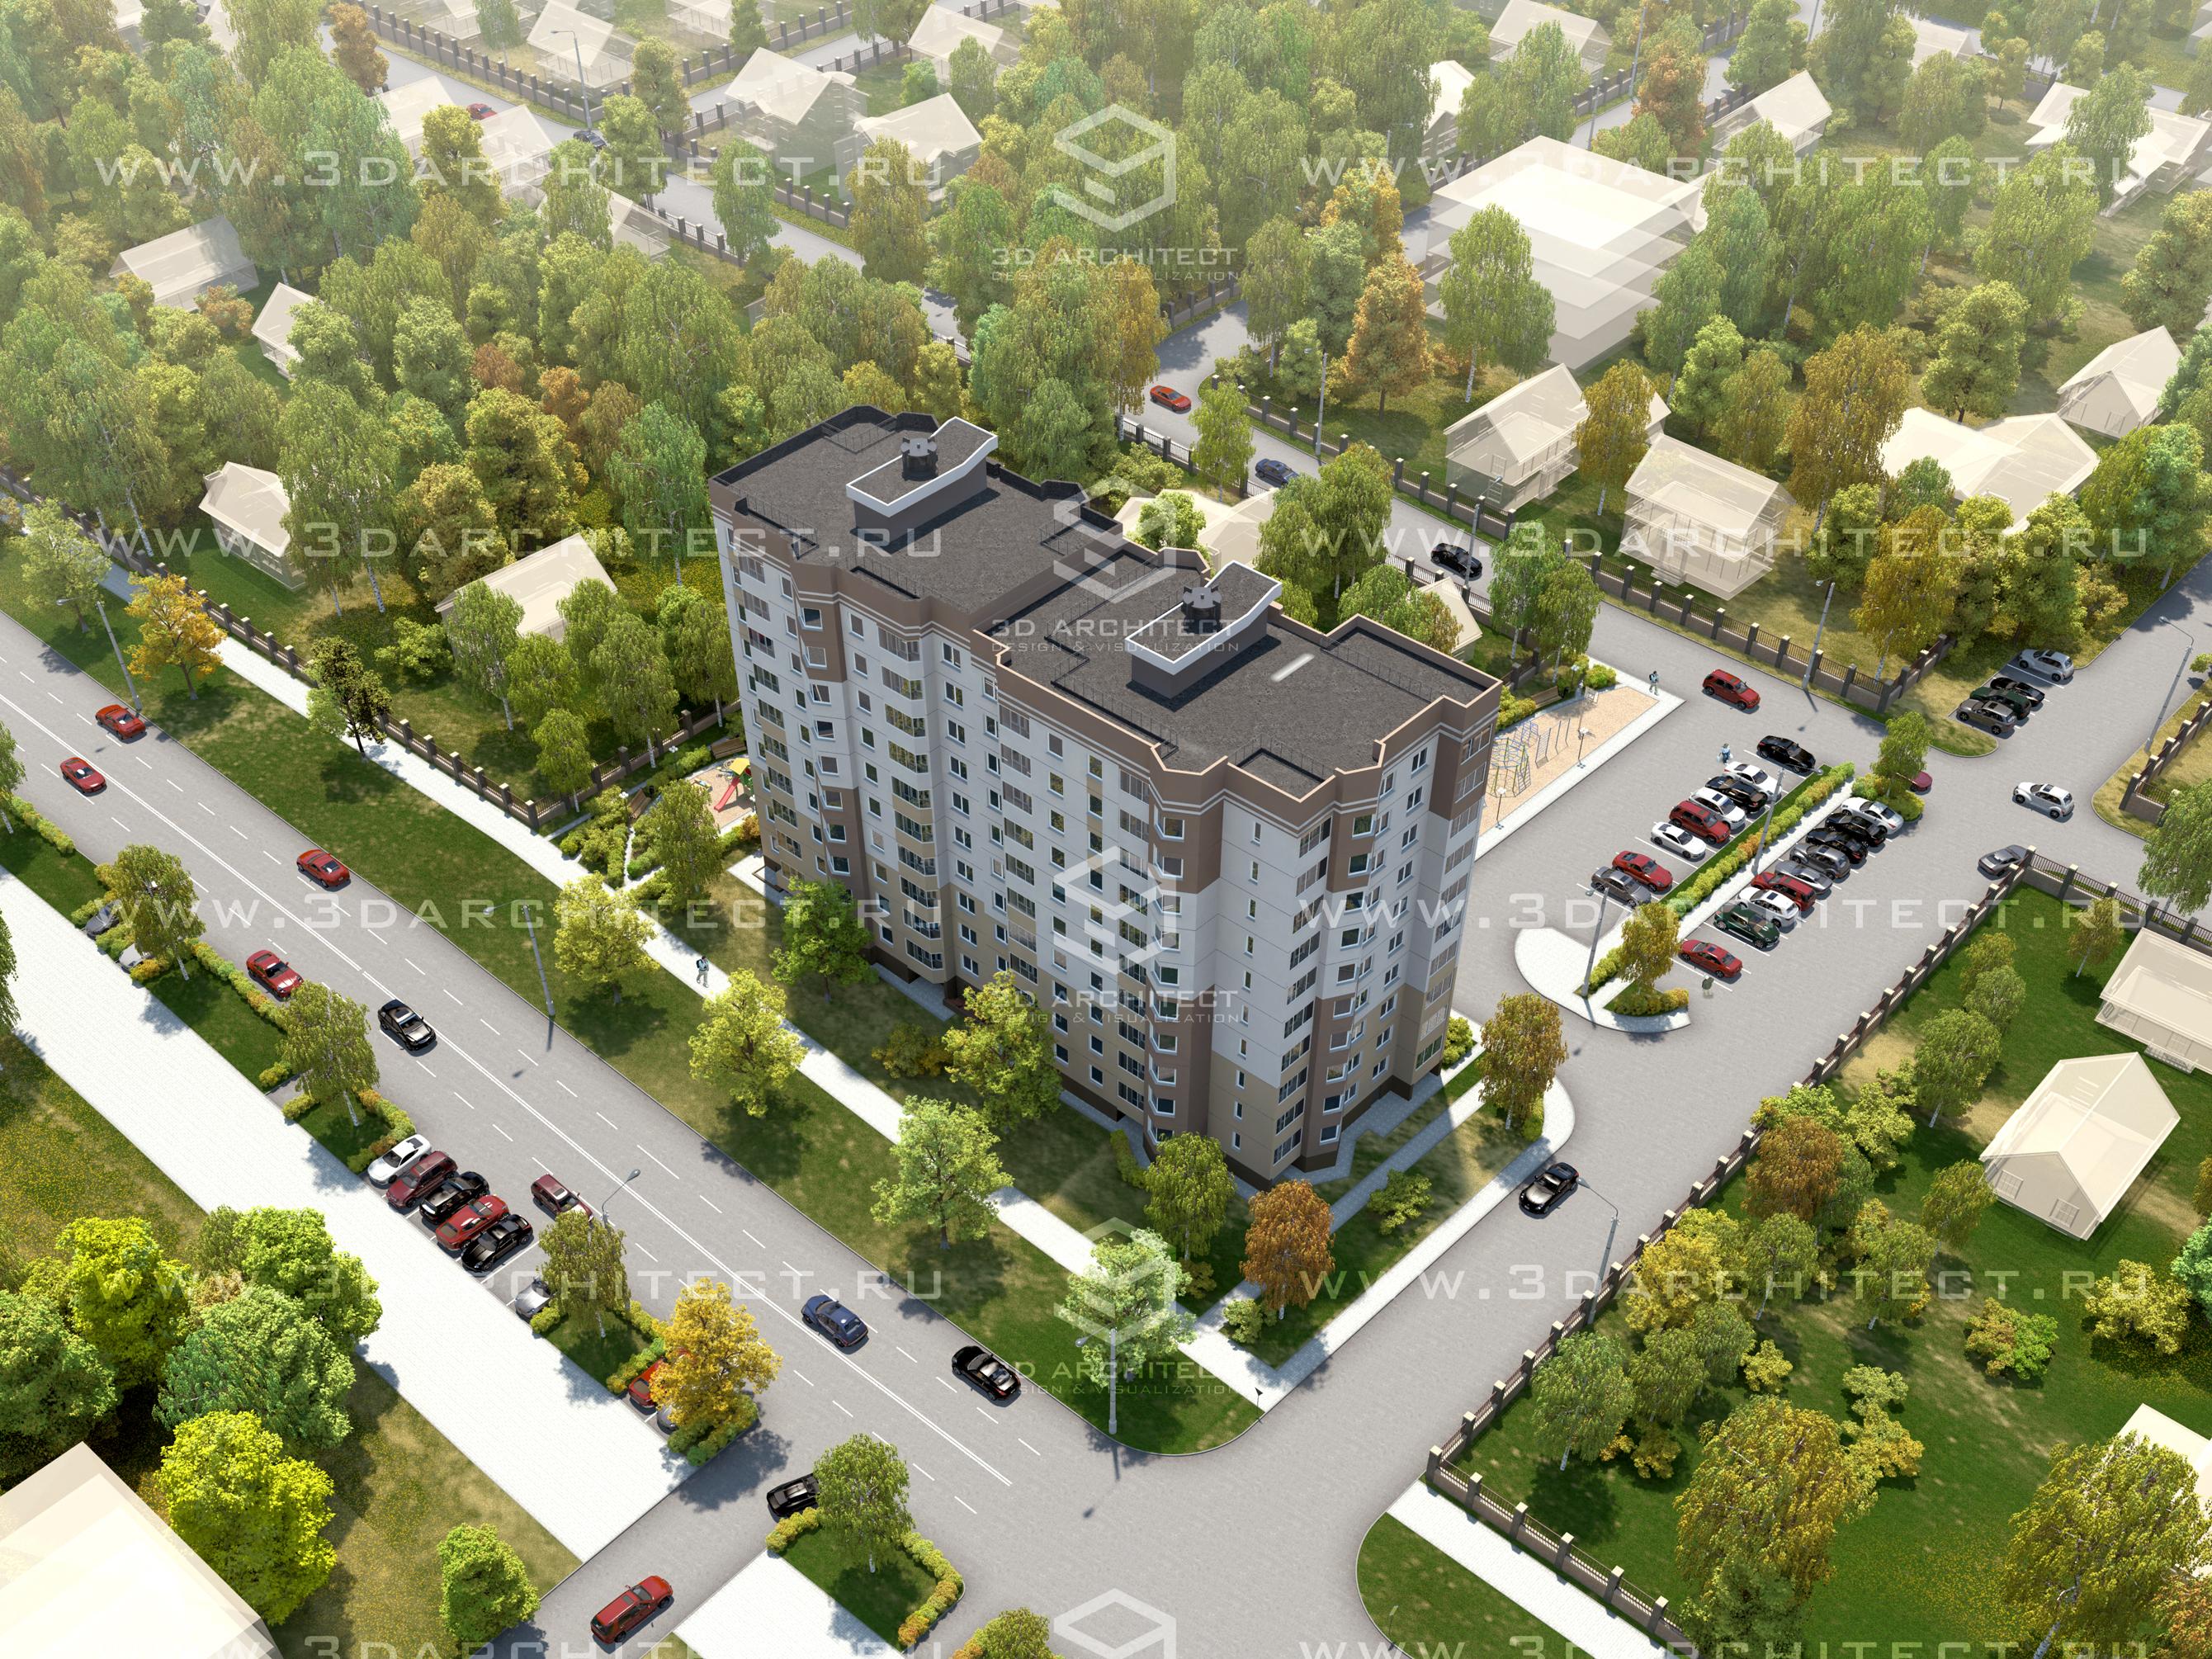 3d модель типовые многоэтажные дома, max(2012), скачать.